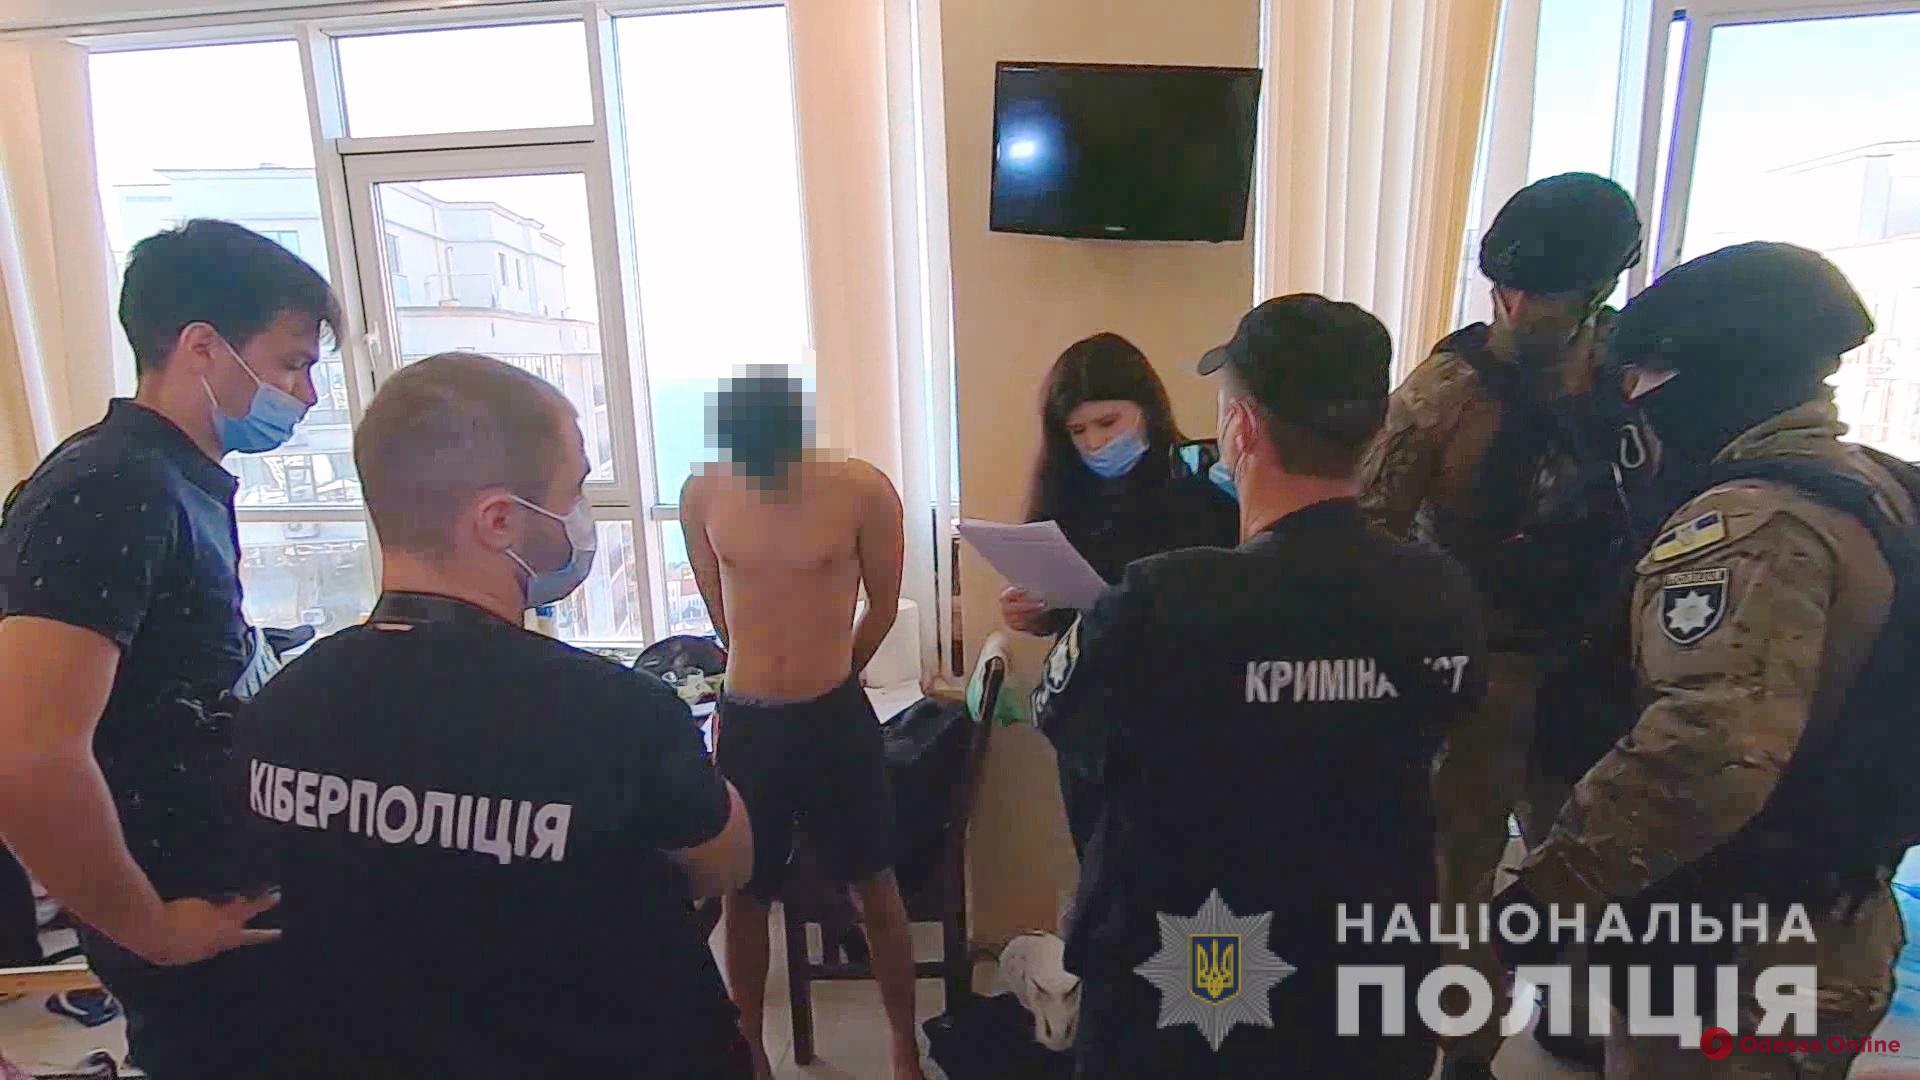 Продали несуществующих гаджетов на миллион: в Одессе поймали интернет-мошенников из Николаевской области